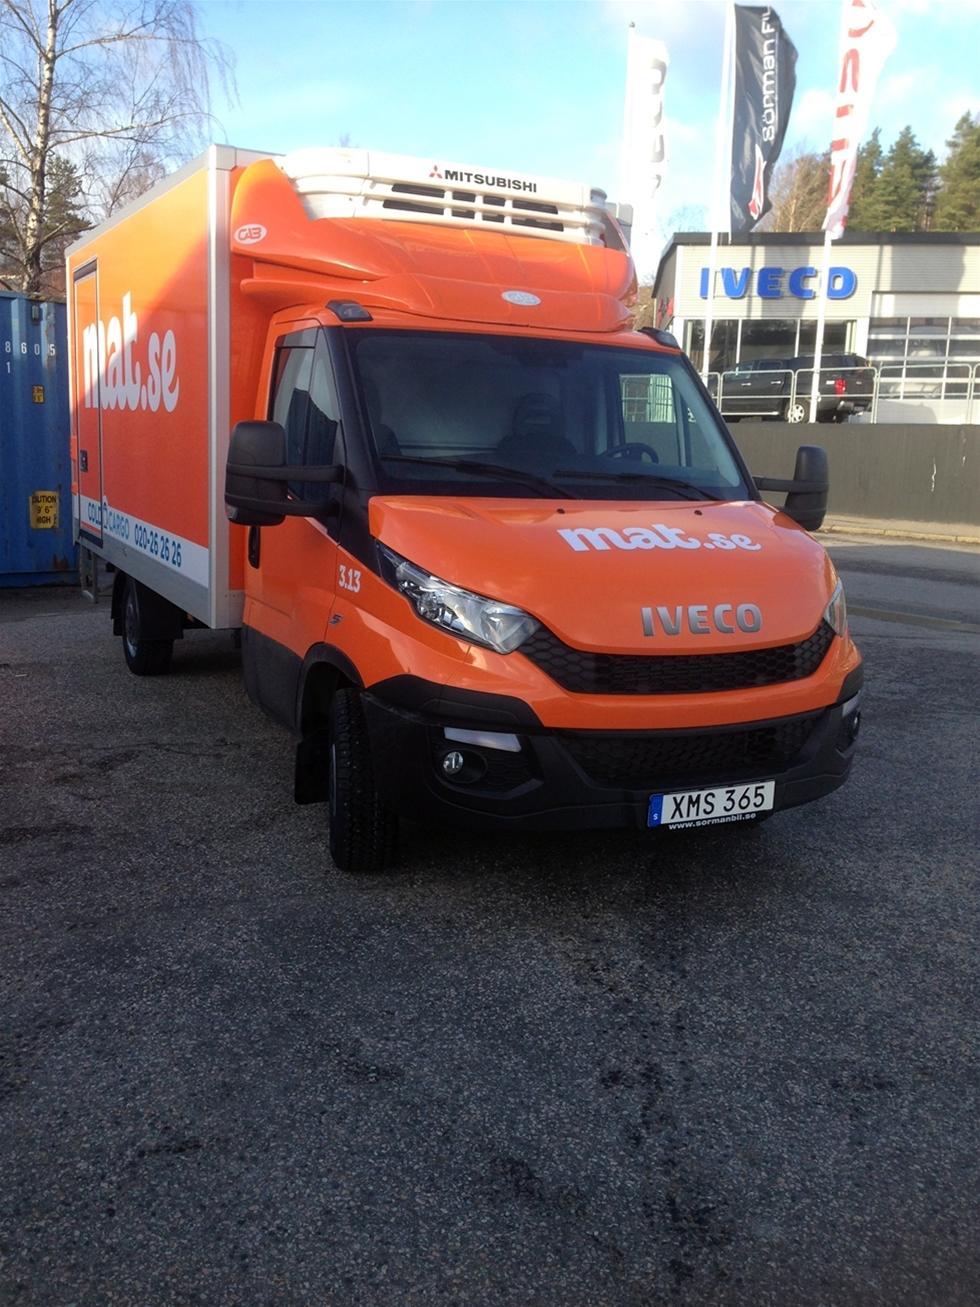 Cold Cargo Sweden AB fortsätter att köpa Iveco Daily. Företaget har nu tecknat avtal om köp av 56 stycken nya skåp och liftbilar, vilket innebär att man efter leverans har totalt 107 stycken Iveco Daily i sin vagnpark.